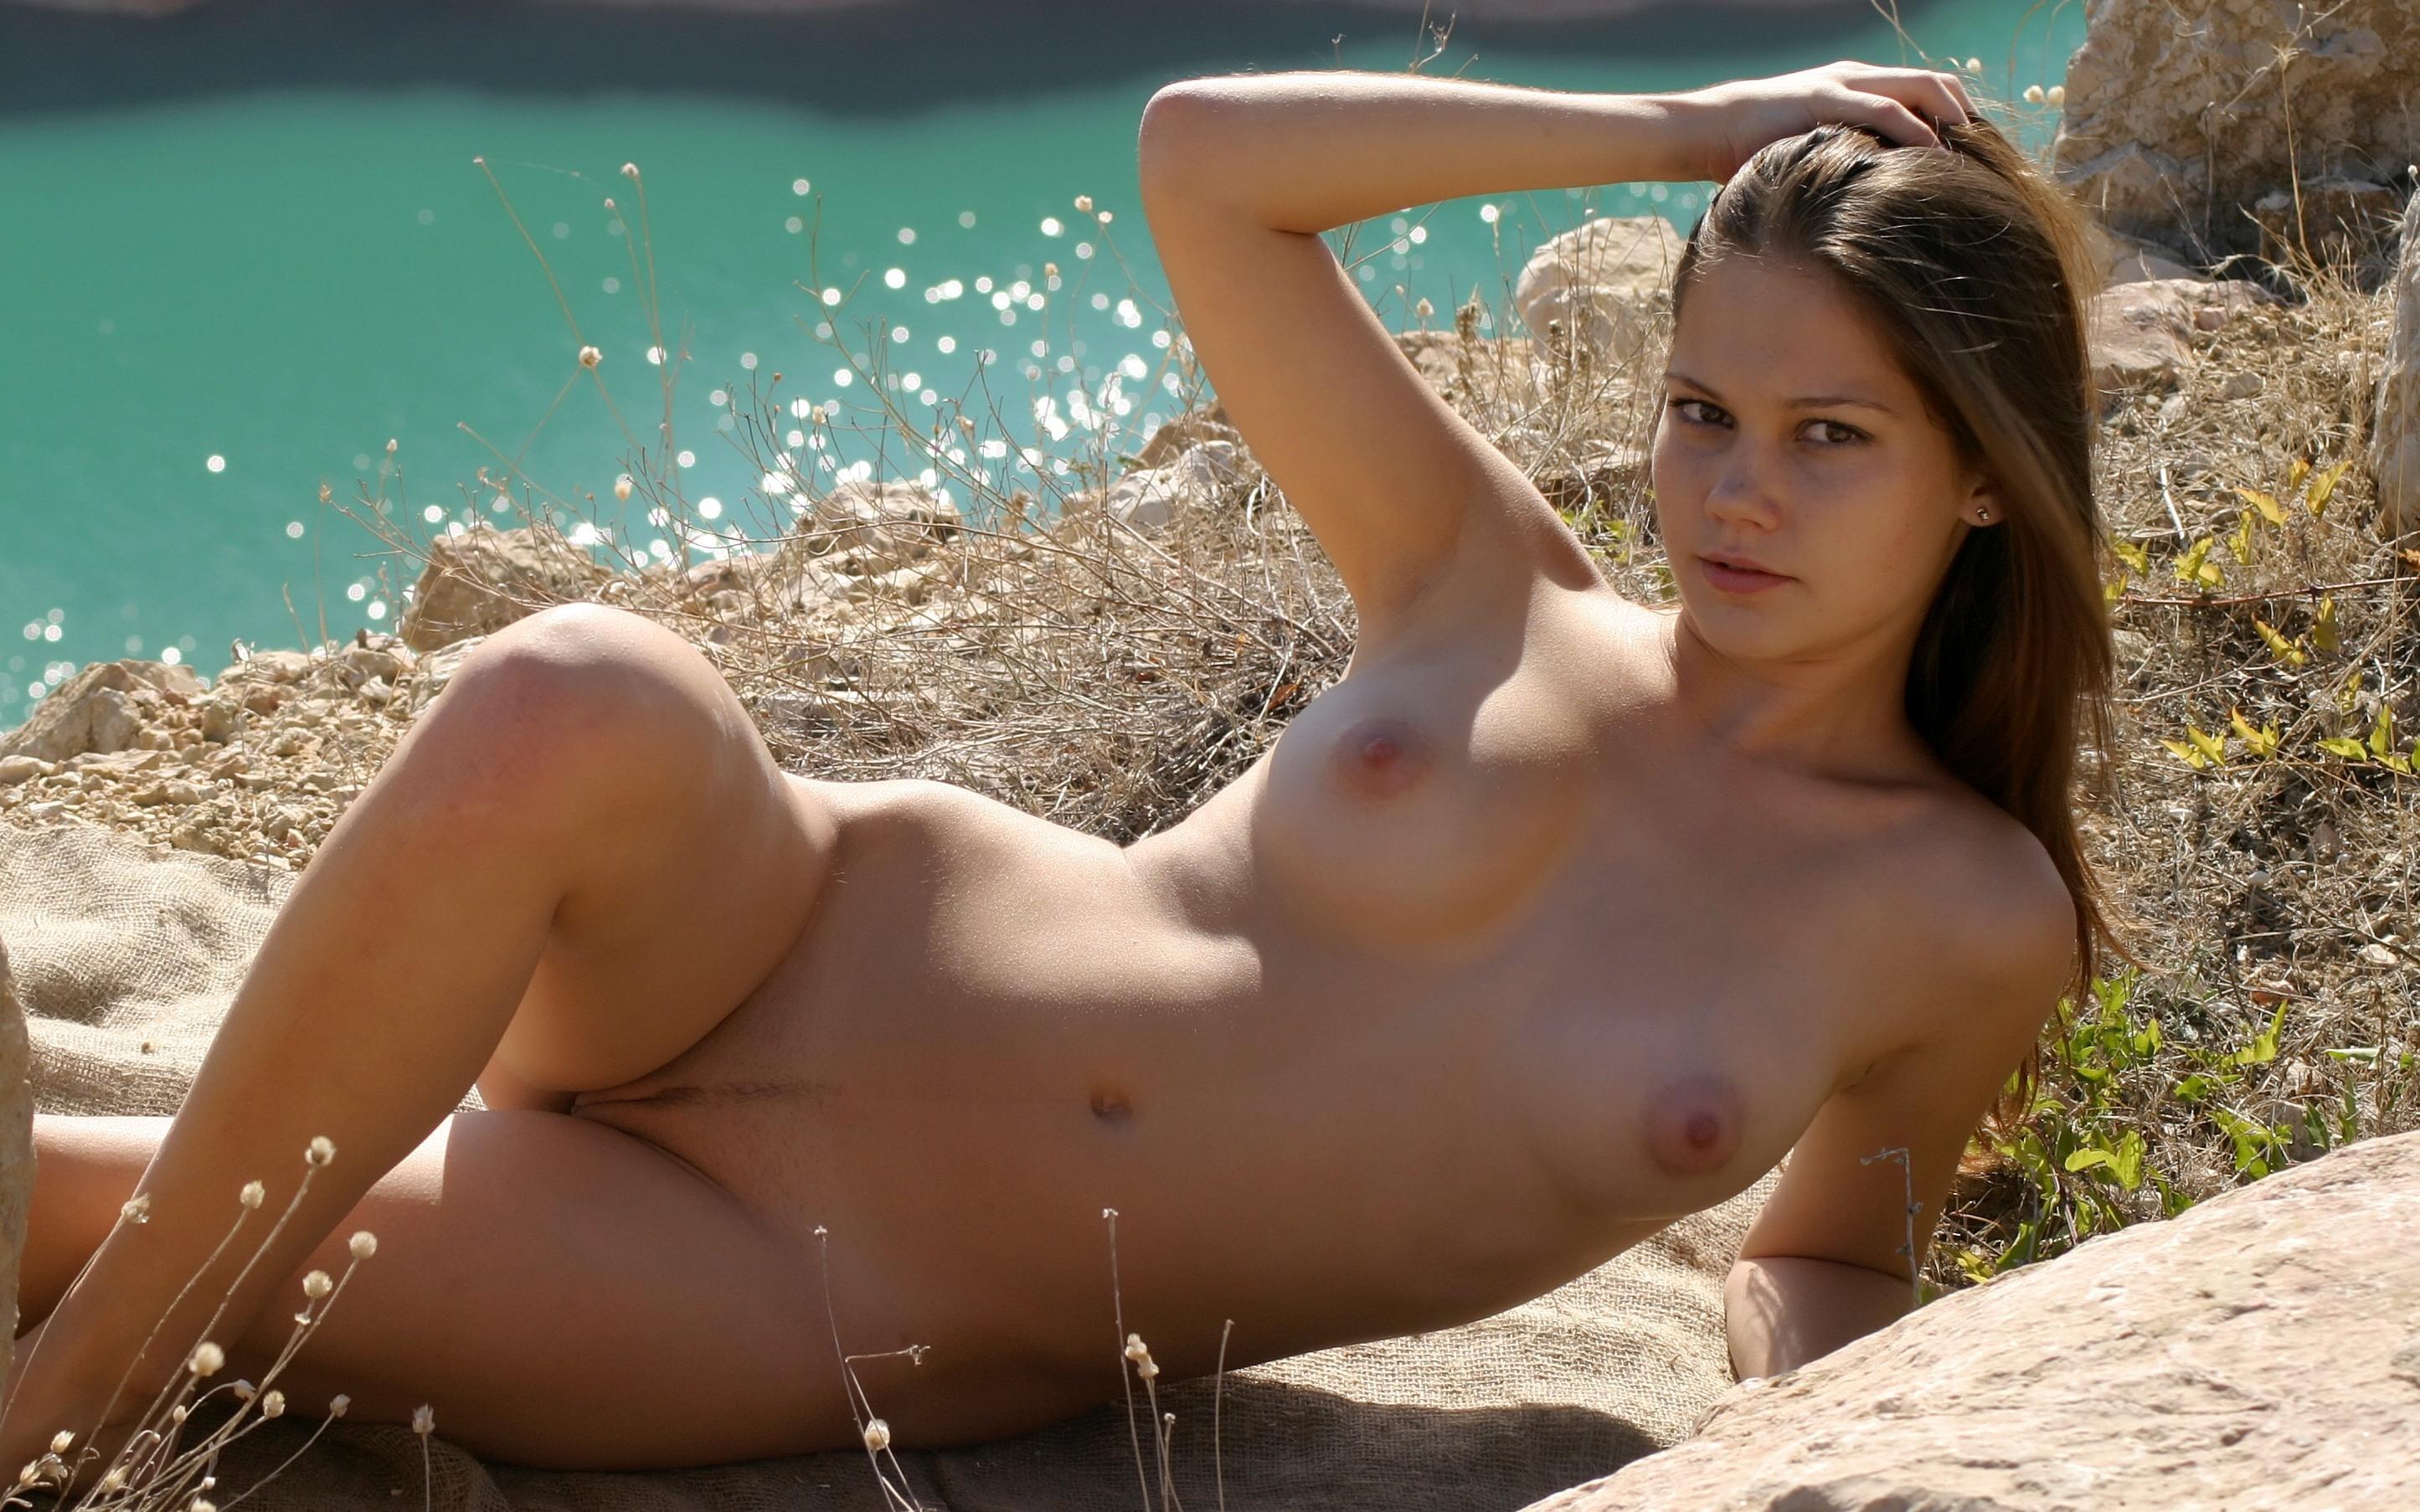 Фото Голая девка на траве, река, интимная стрижка полоска, скачать картинку бесплатно